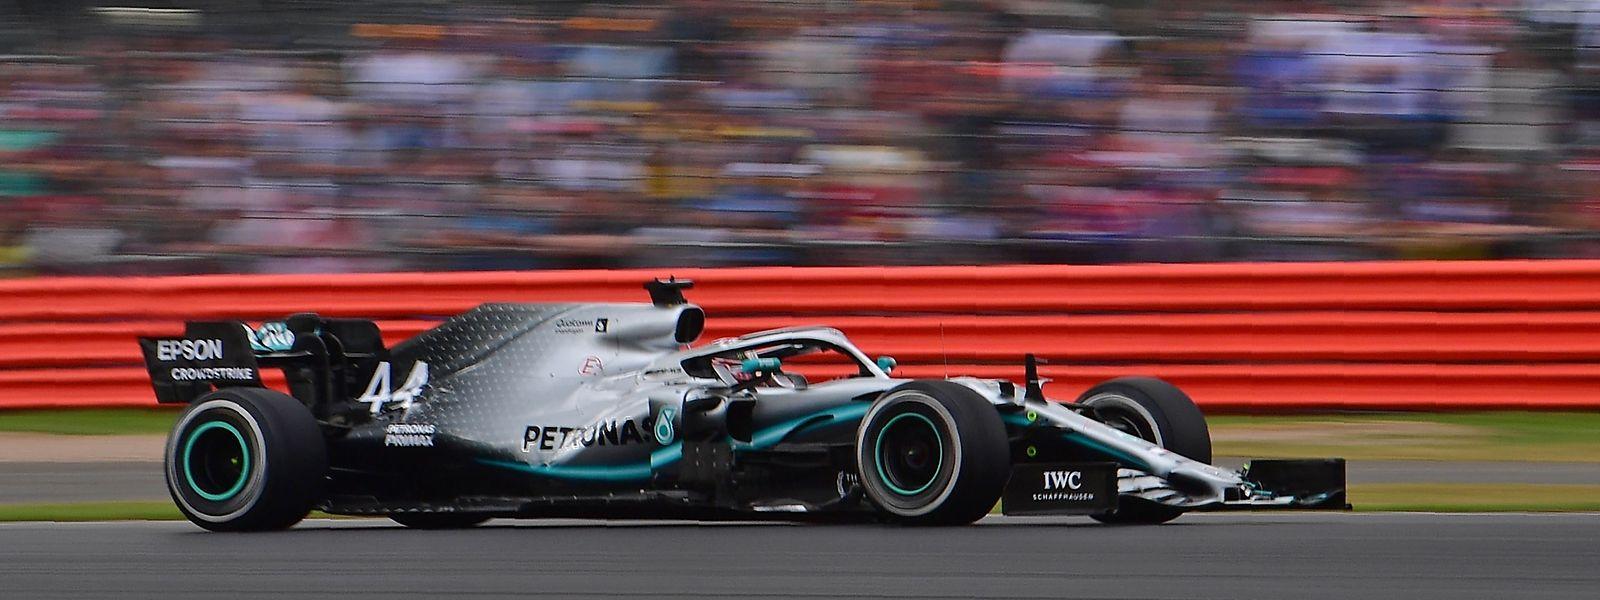 Lewis Hamilton gewinnt zum sechsten Mal in Silverstone.